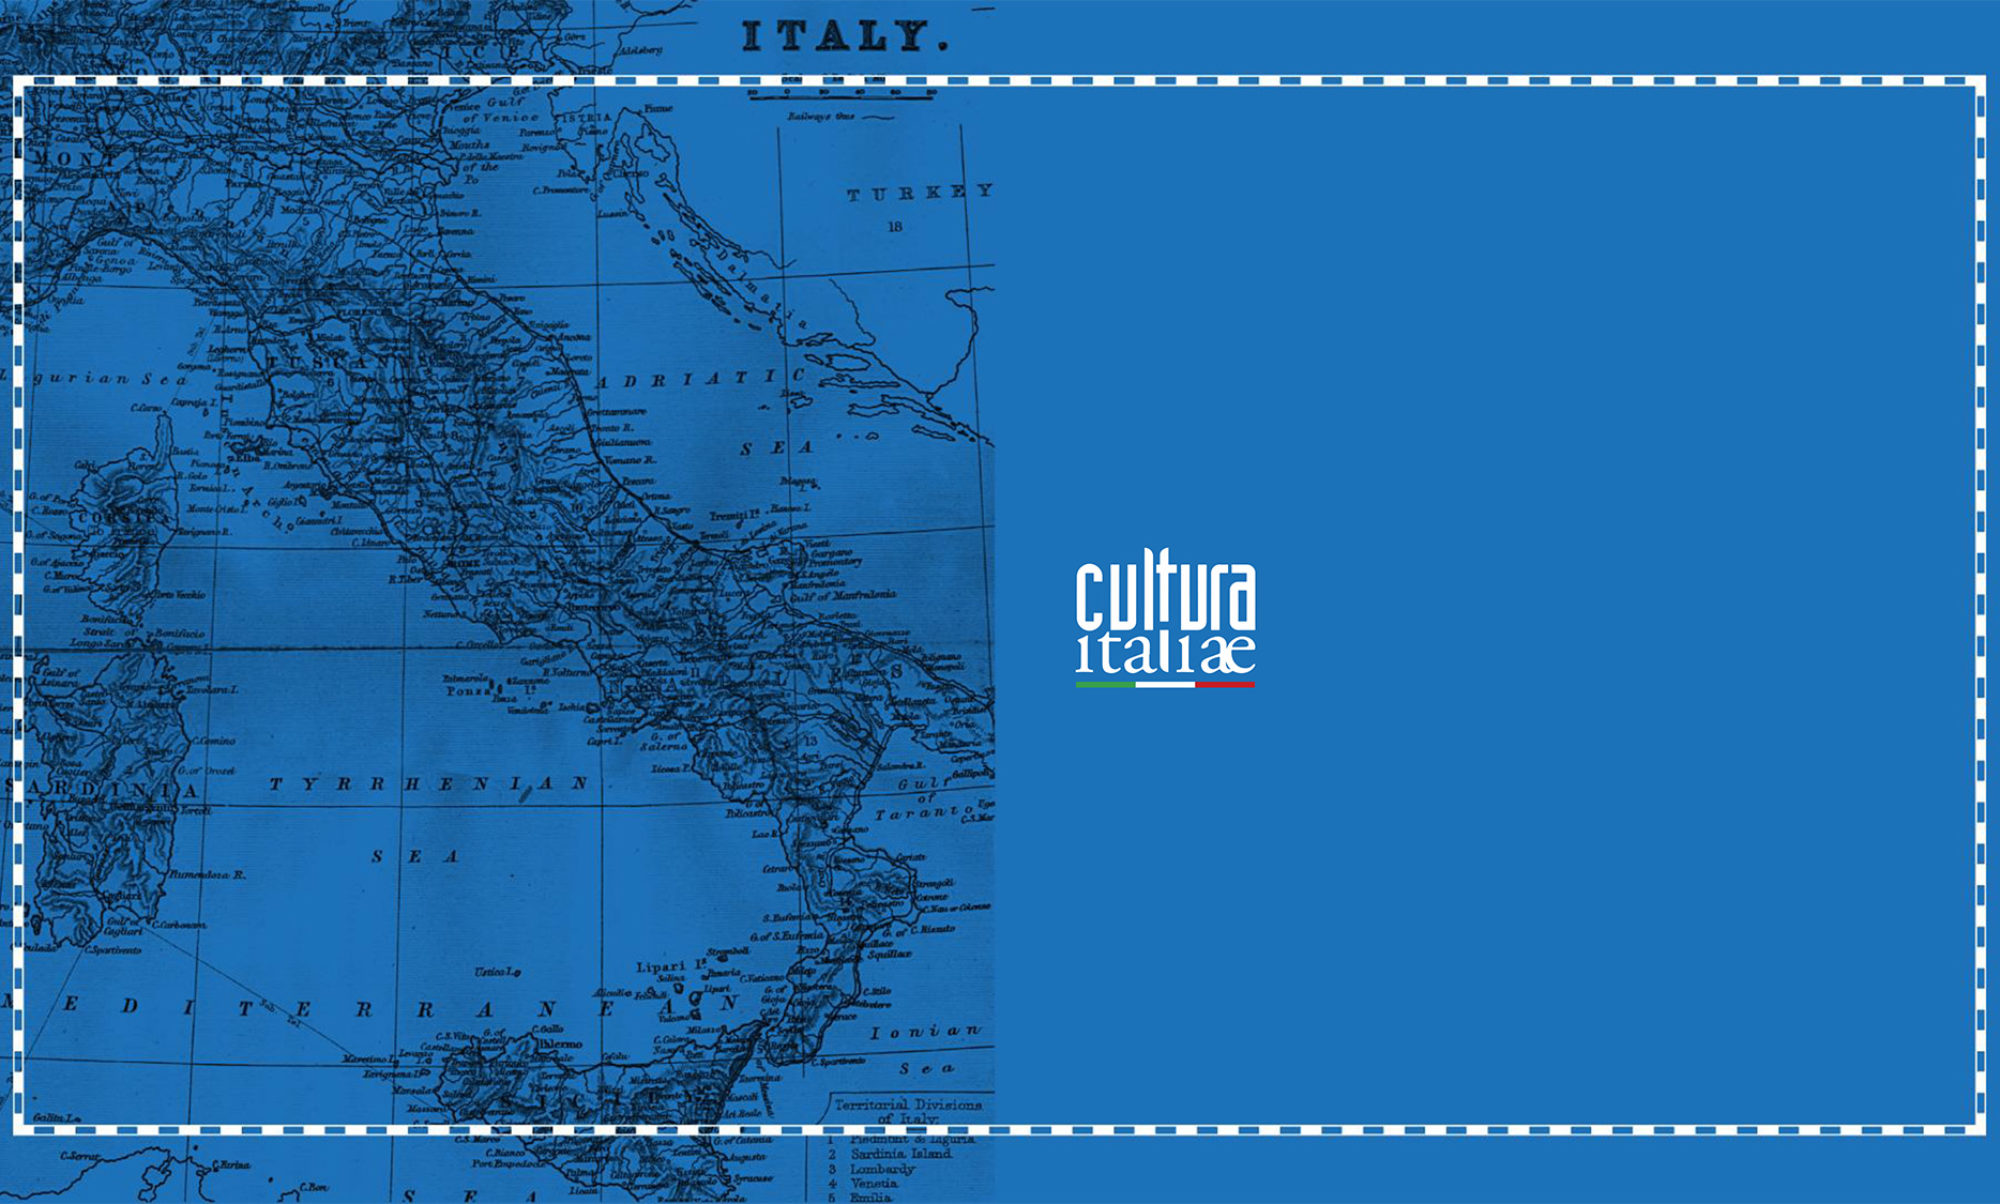 Cultura Italiae